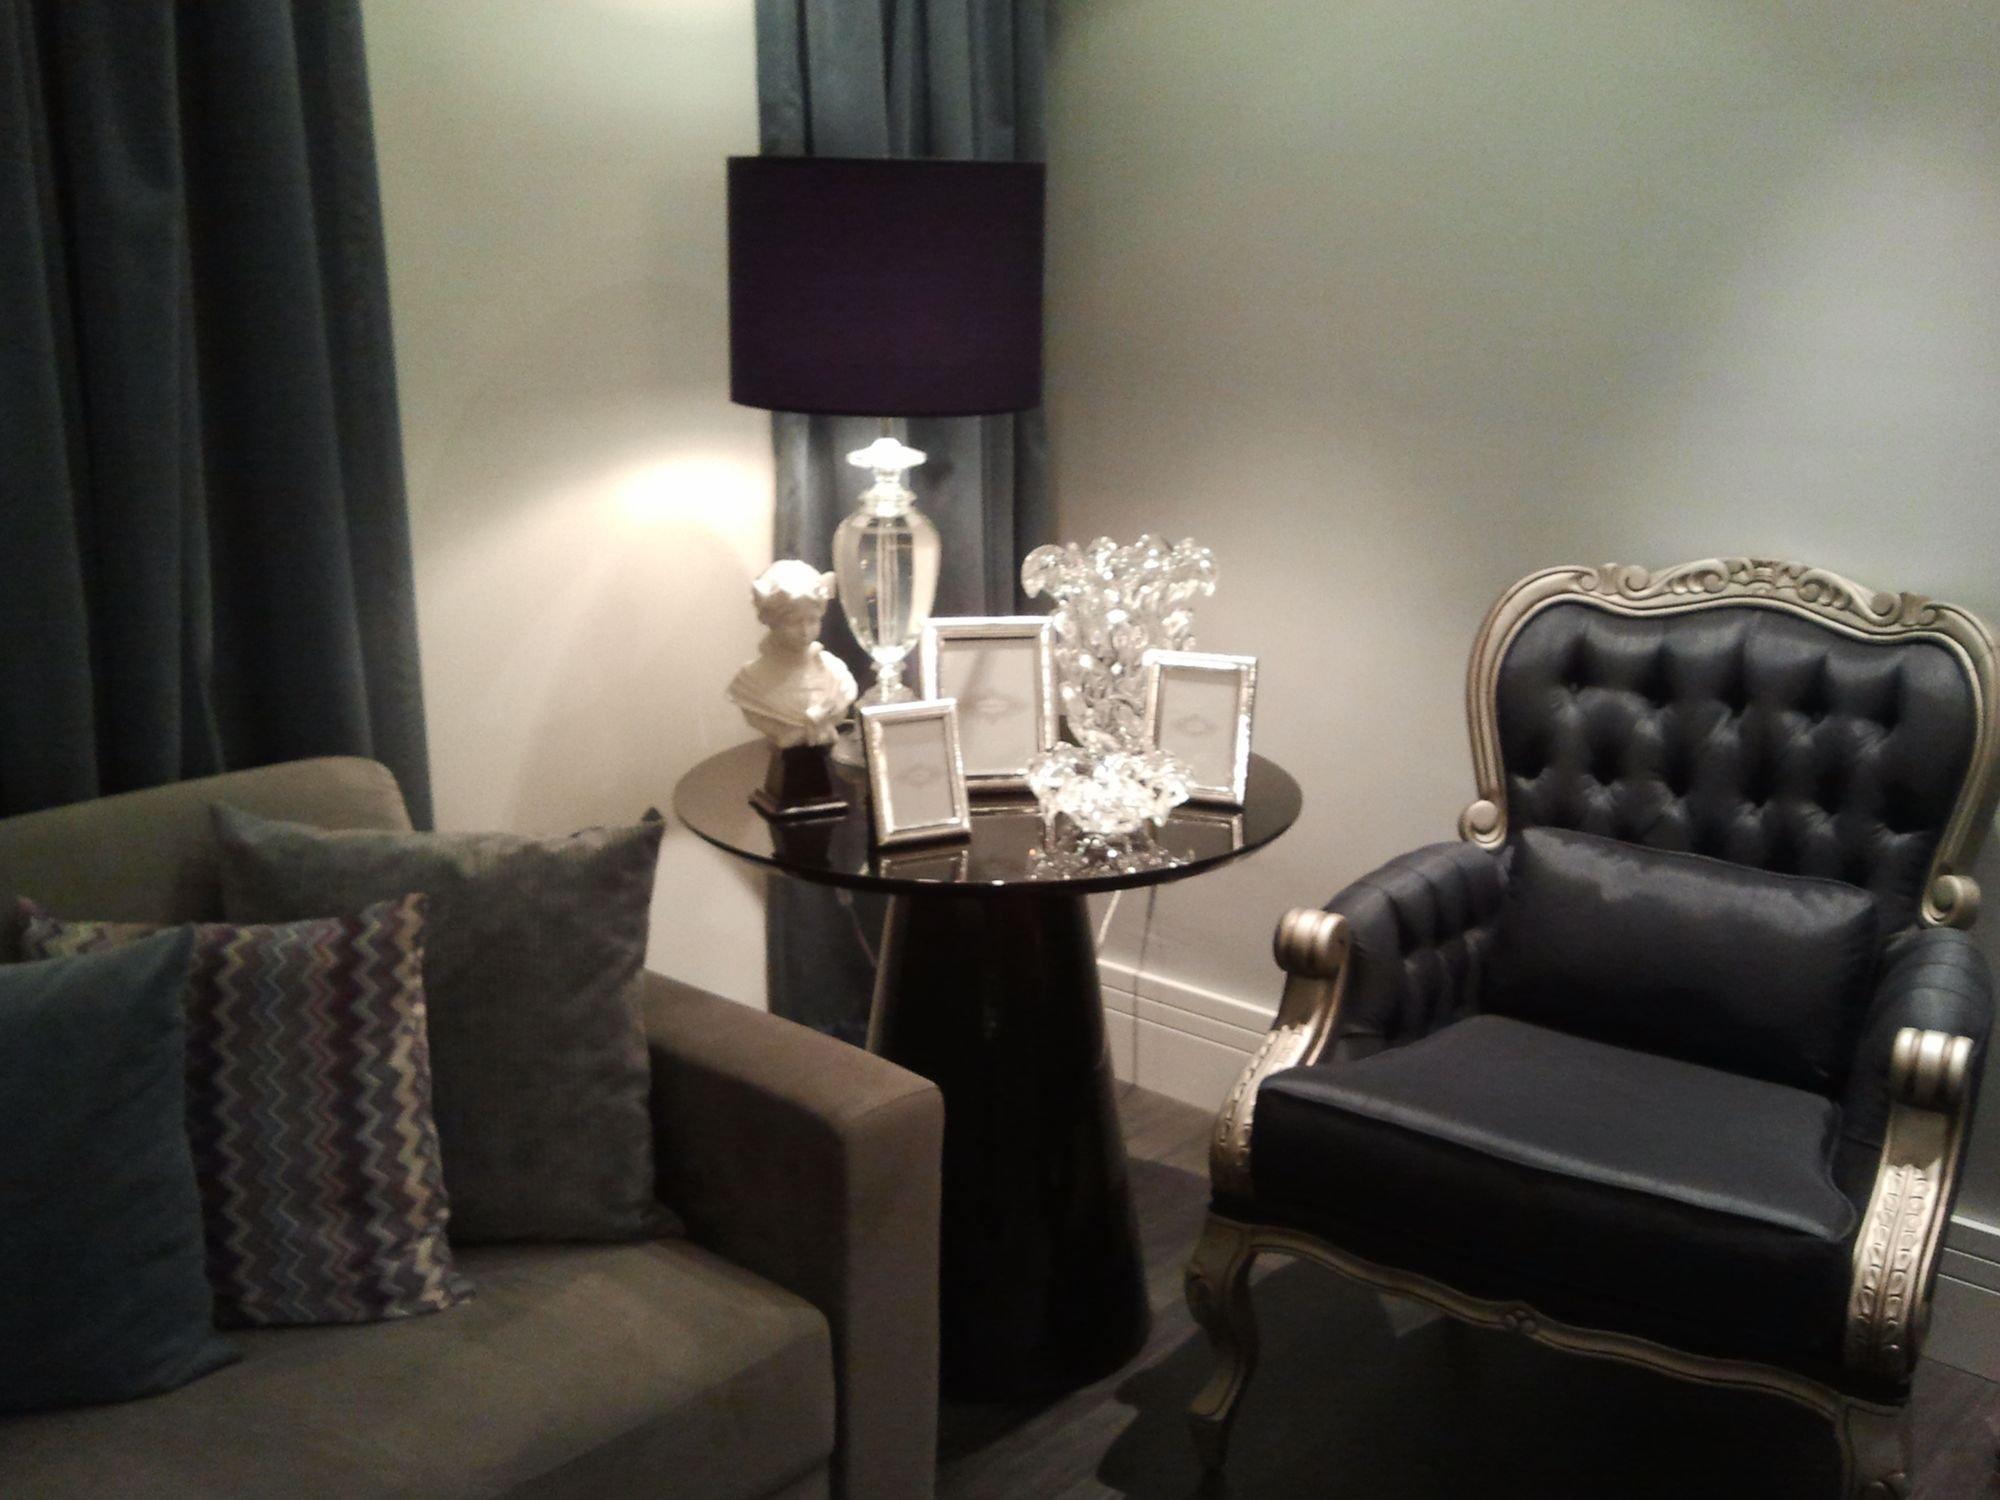 Foto de Hall com sofá, cadeira